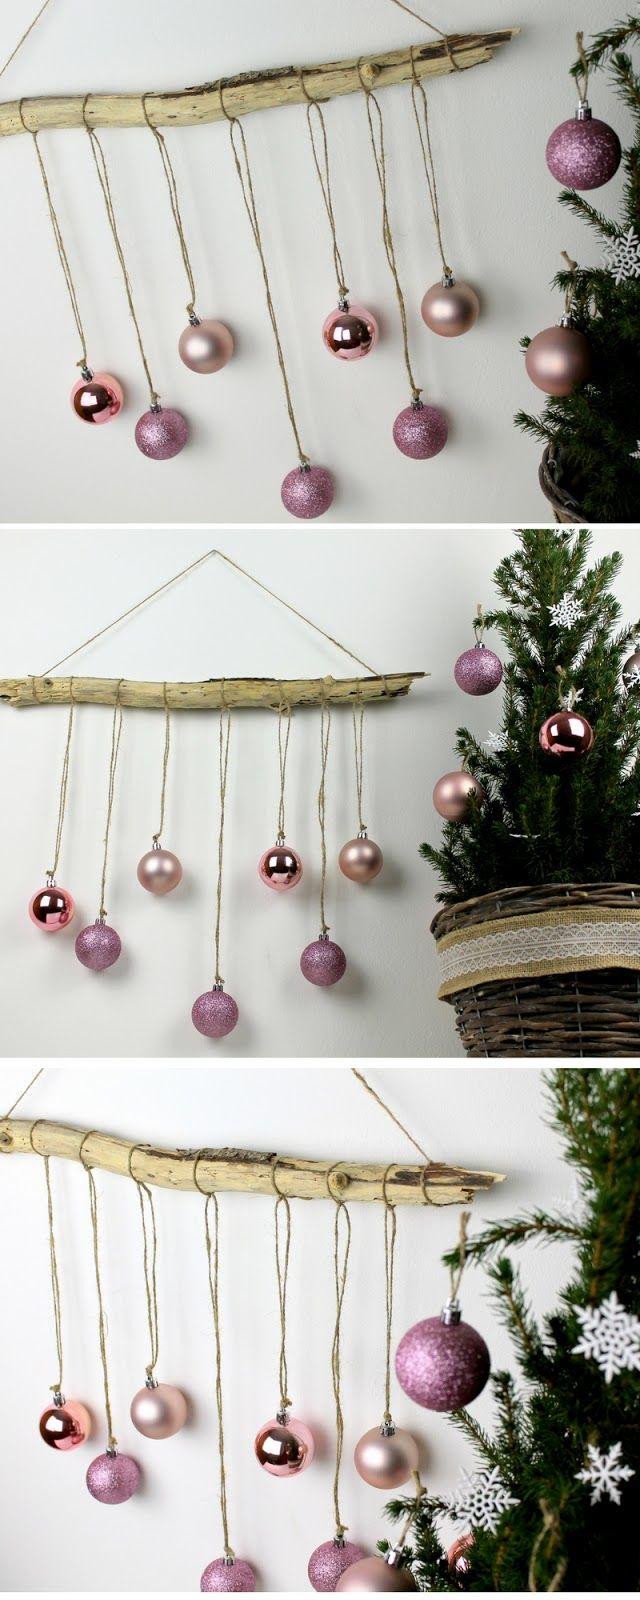 Deko Selber Machen Anleitung Genial ☆ Diy Ausgefallene Weihnachtliche Wanddekoration Aus